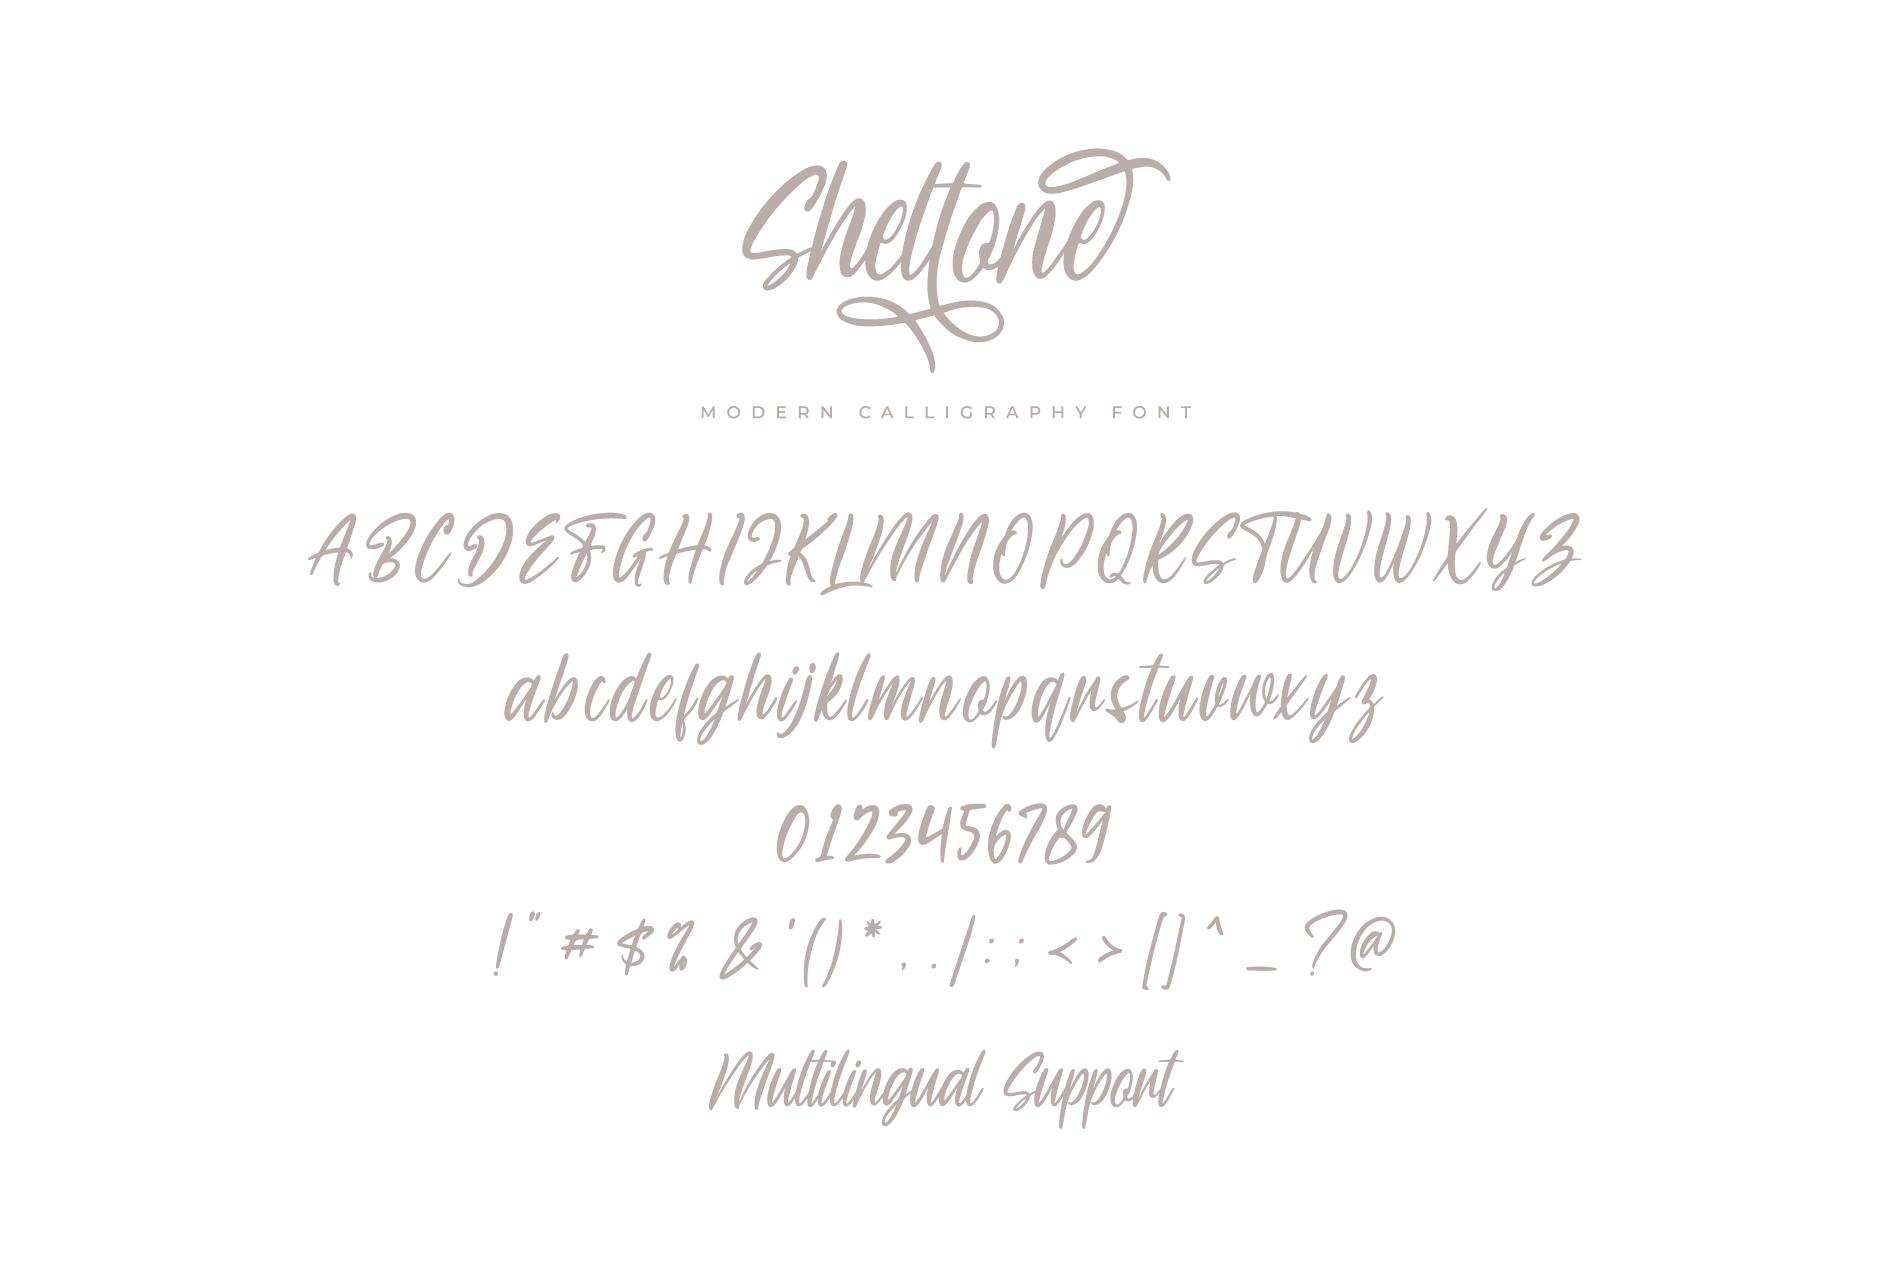 Sheltone - Modern Calligraphy Font example image 8